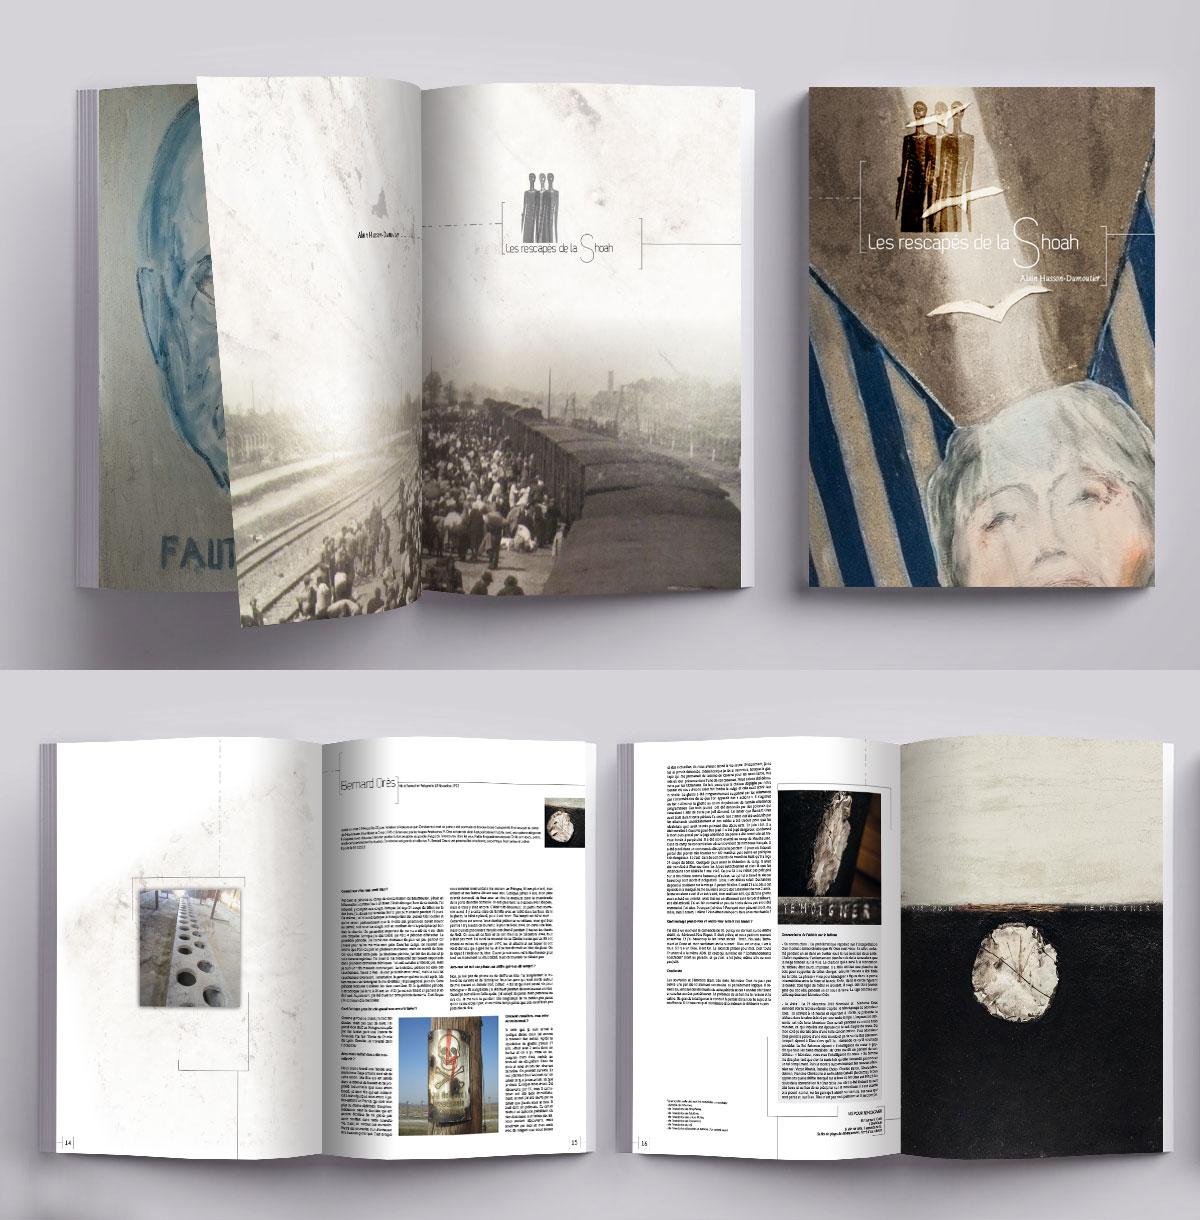 Création et mise en page de livres d'histoire sur les rescapés de la Shoah